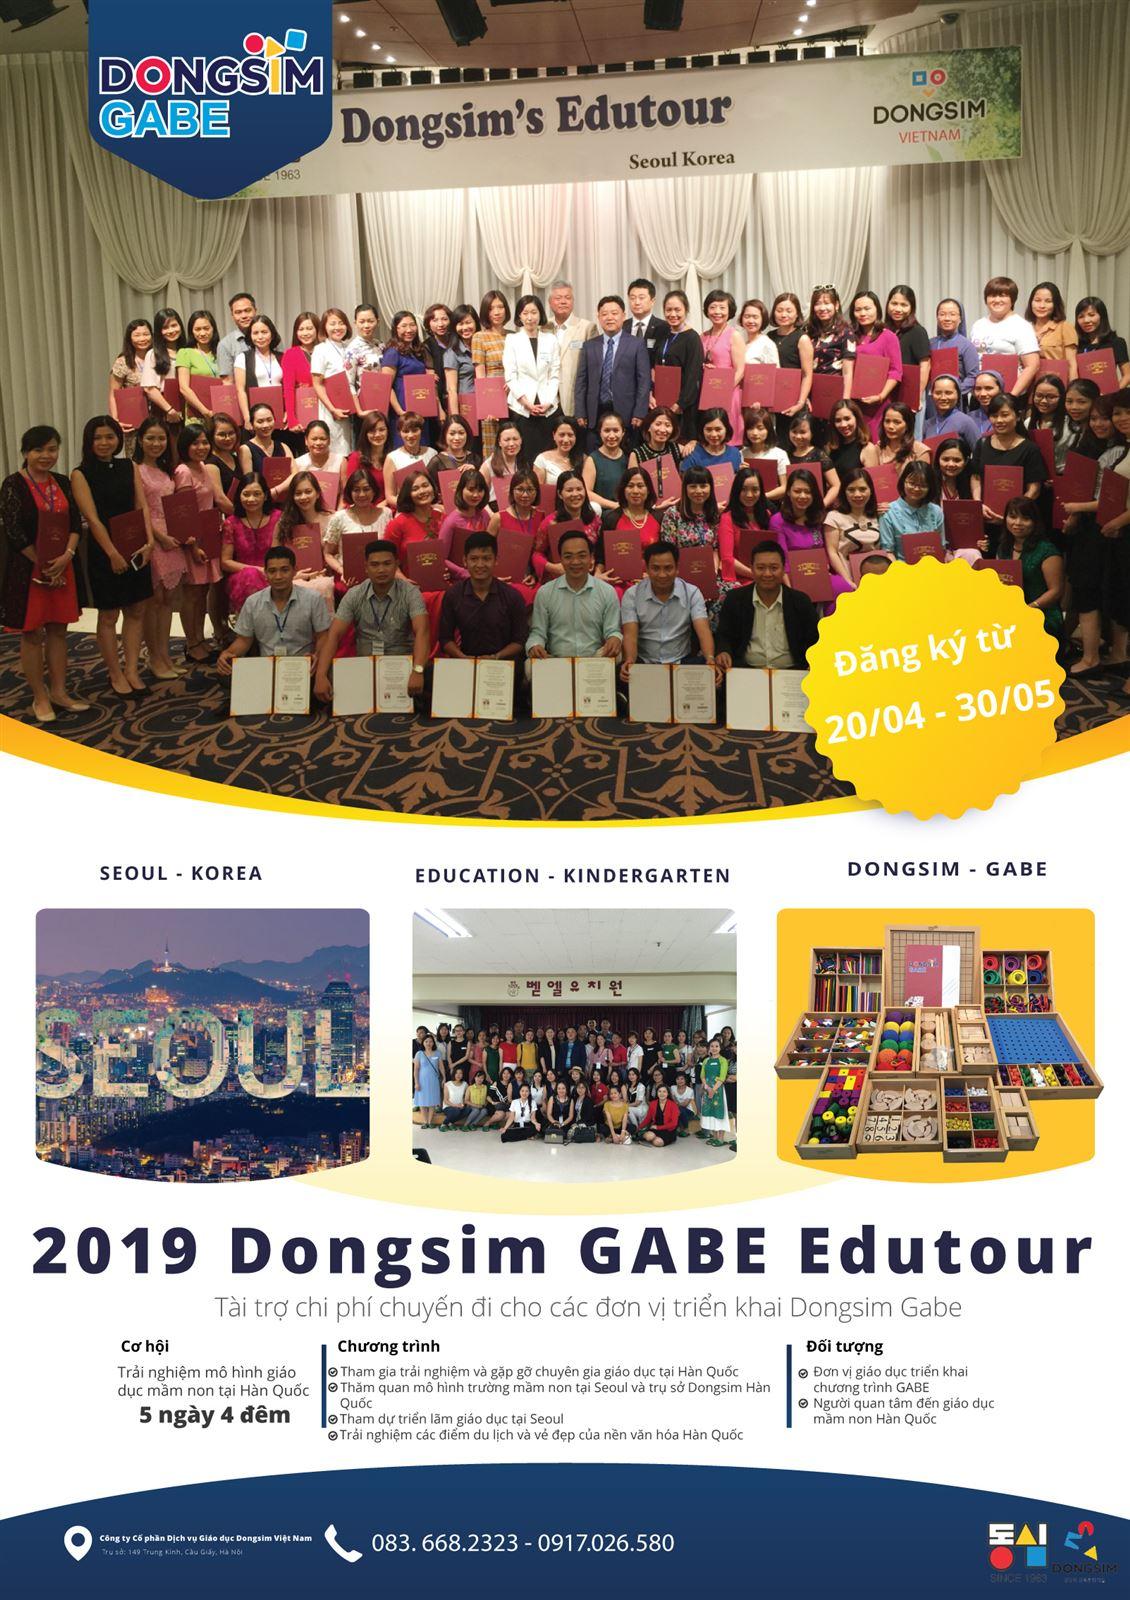 Chính thức khởi động Dongsim GABE Edutour 2019